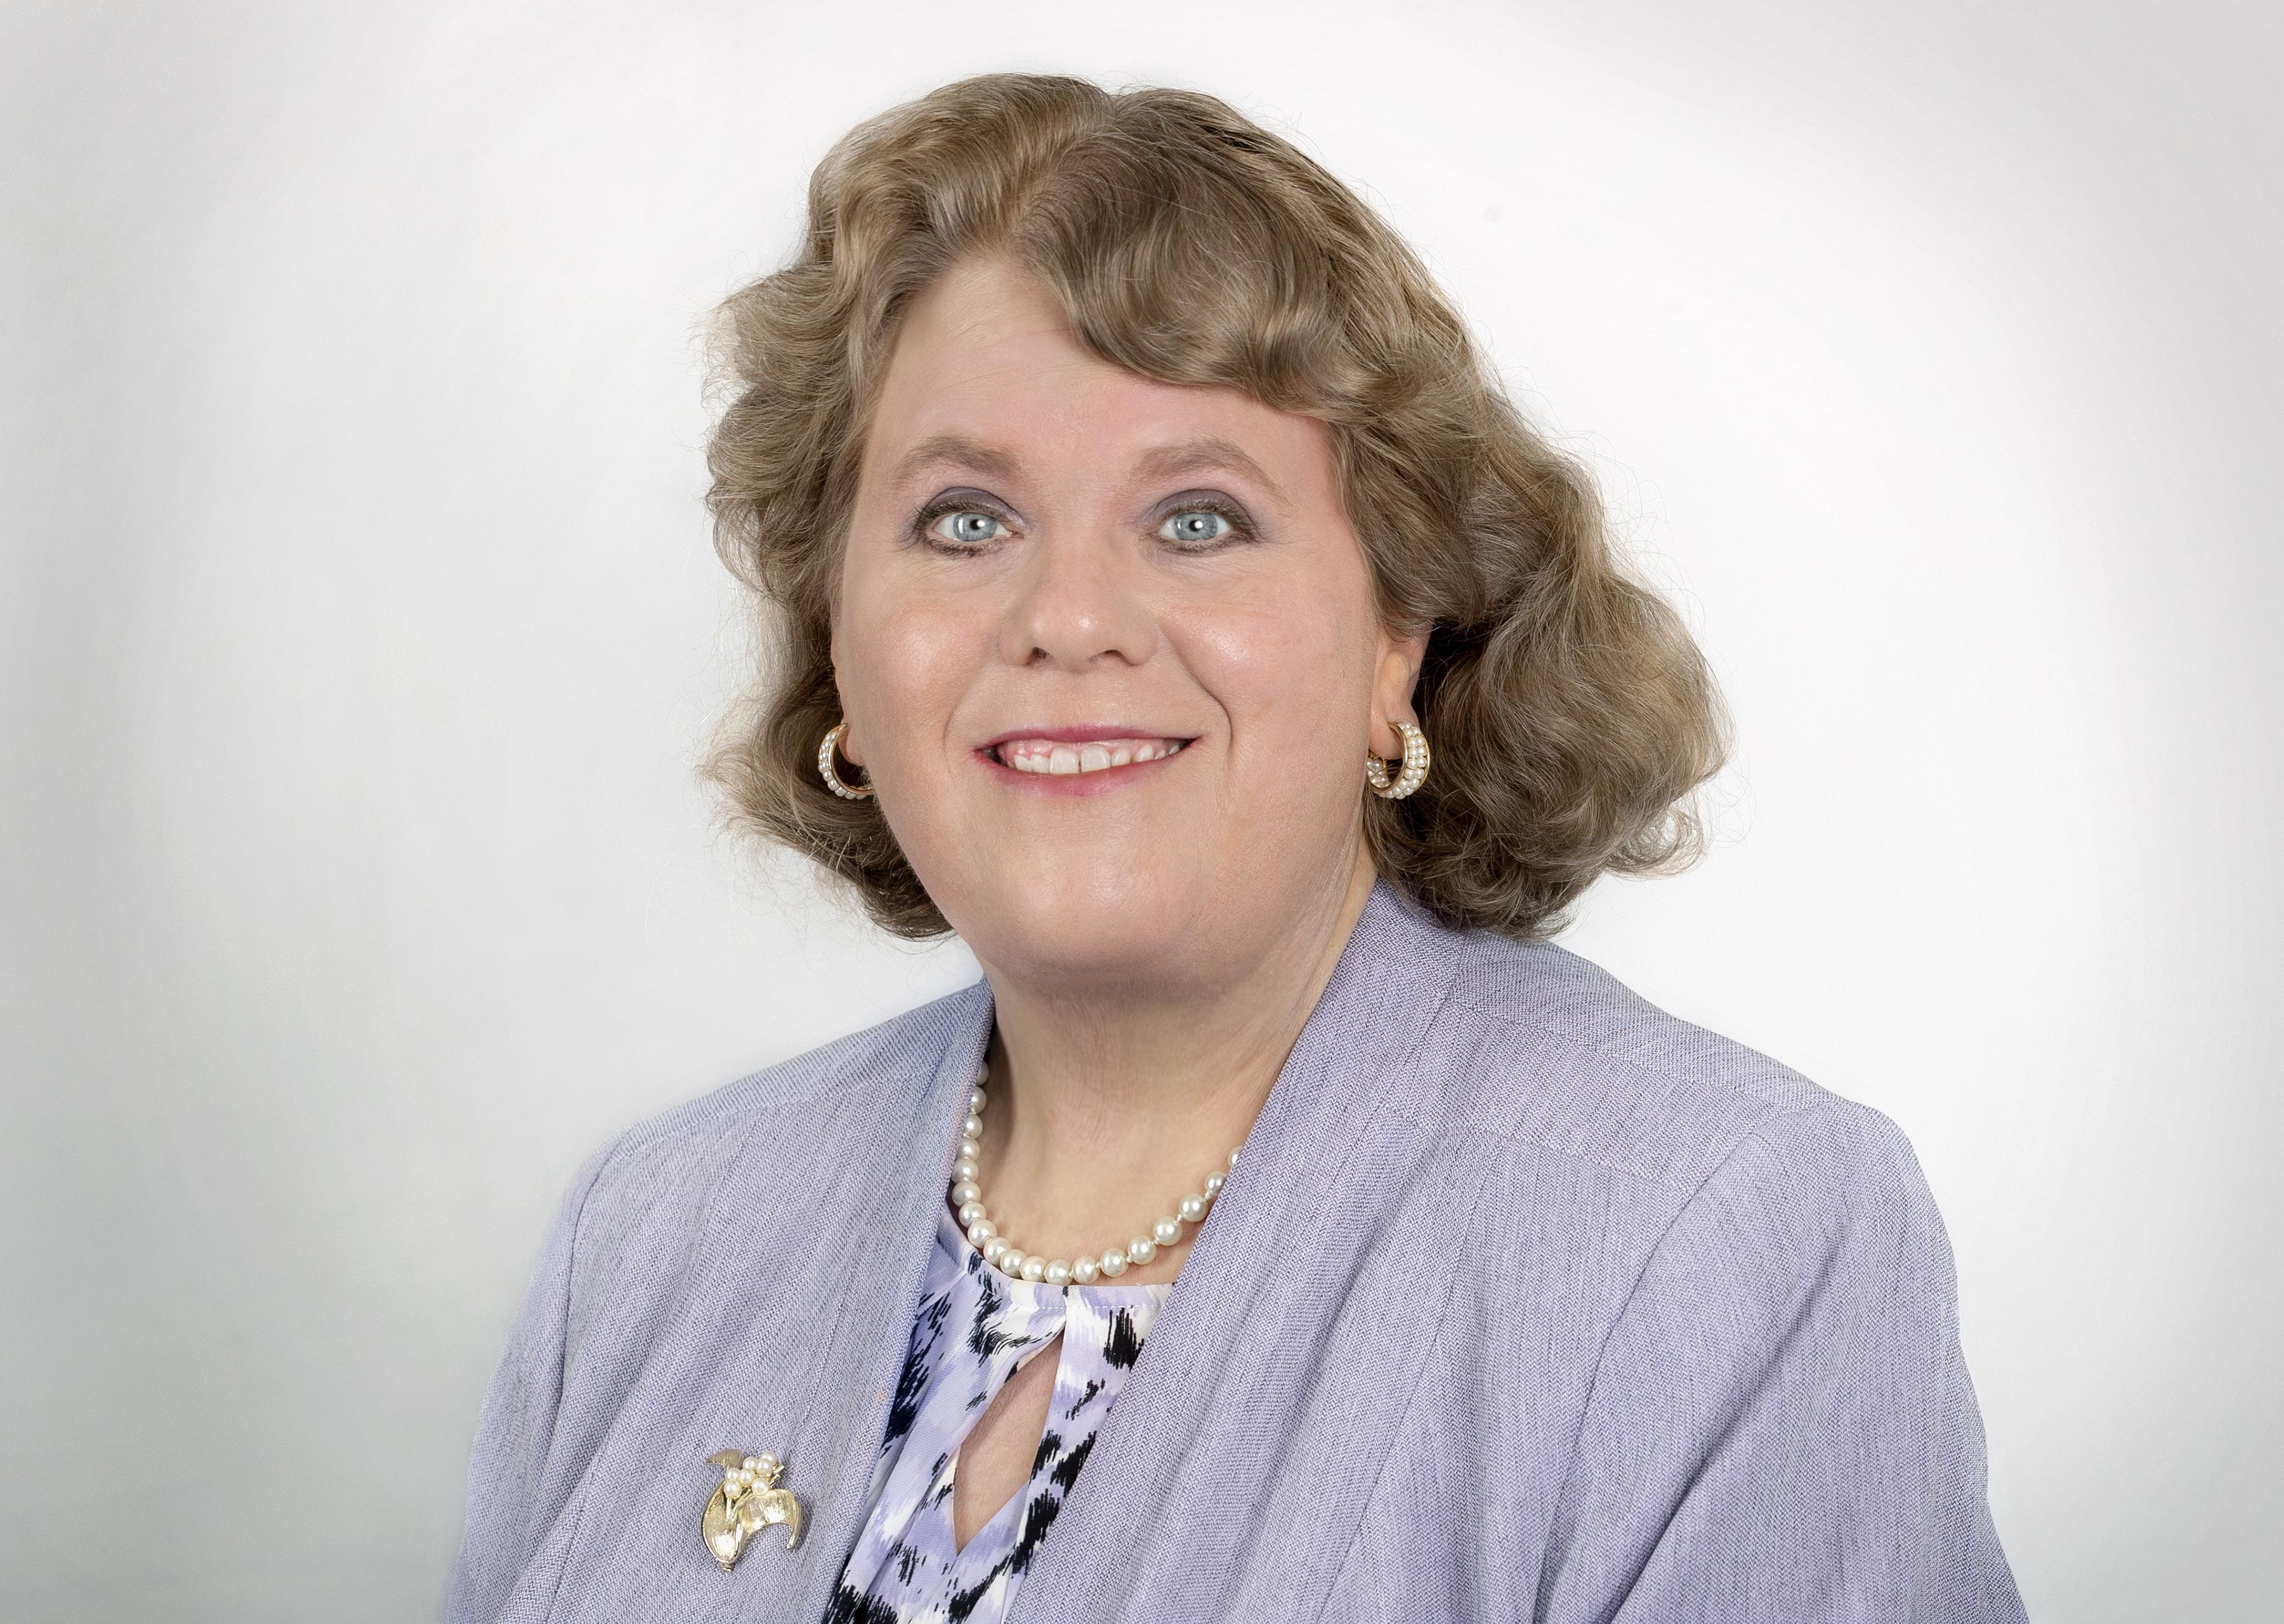 Karen Kuralt